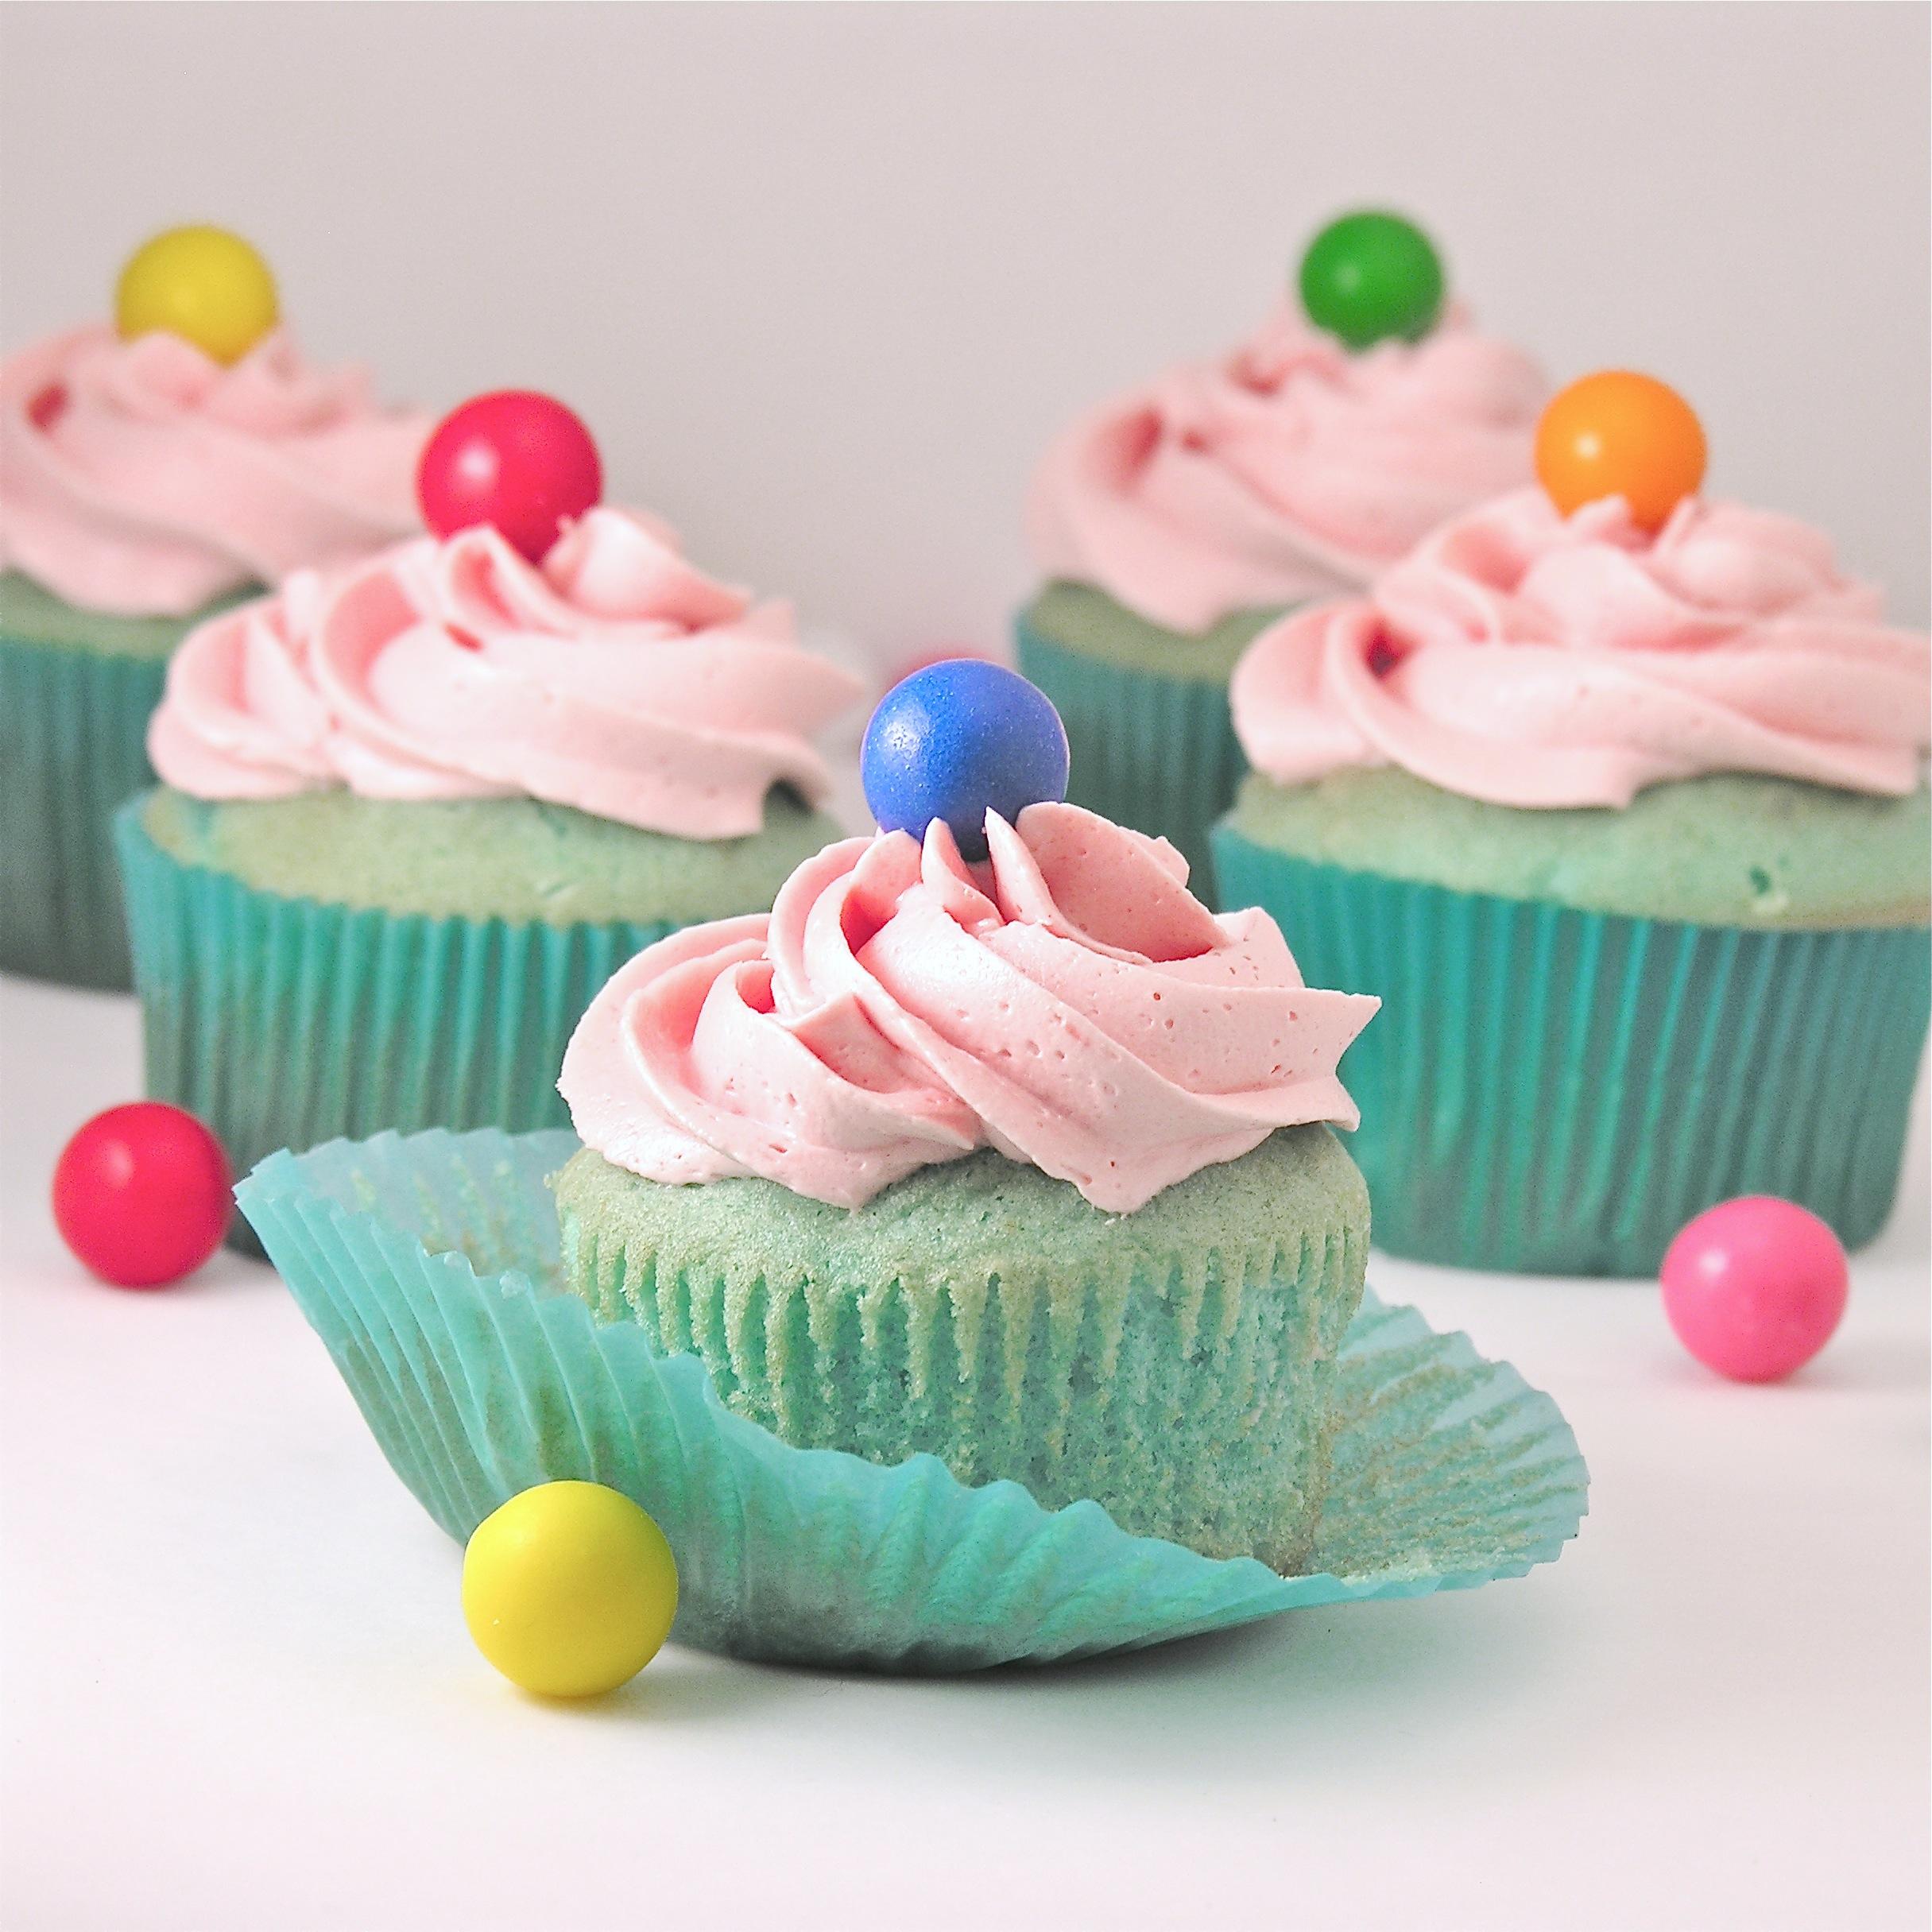 Bubblegum Flavored Cake